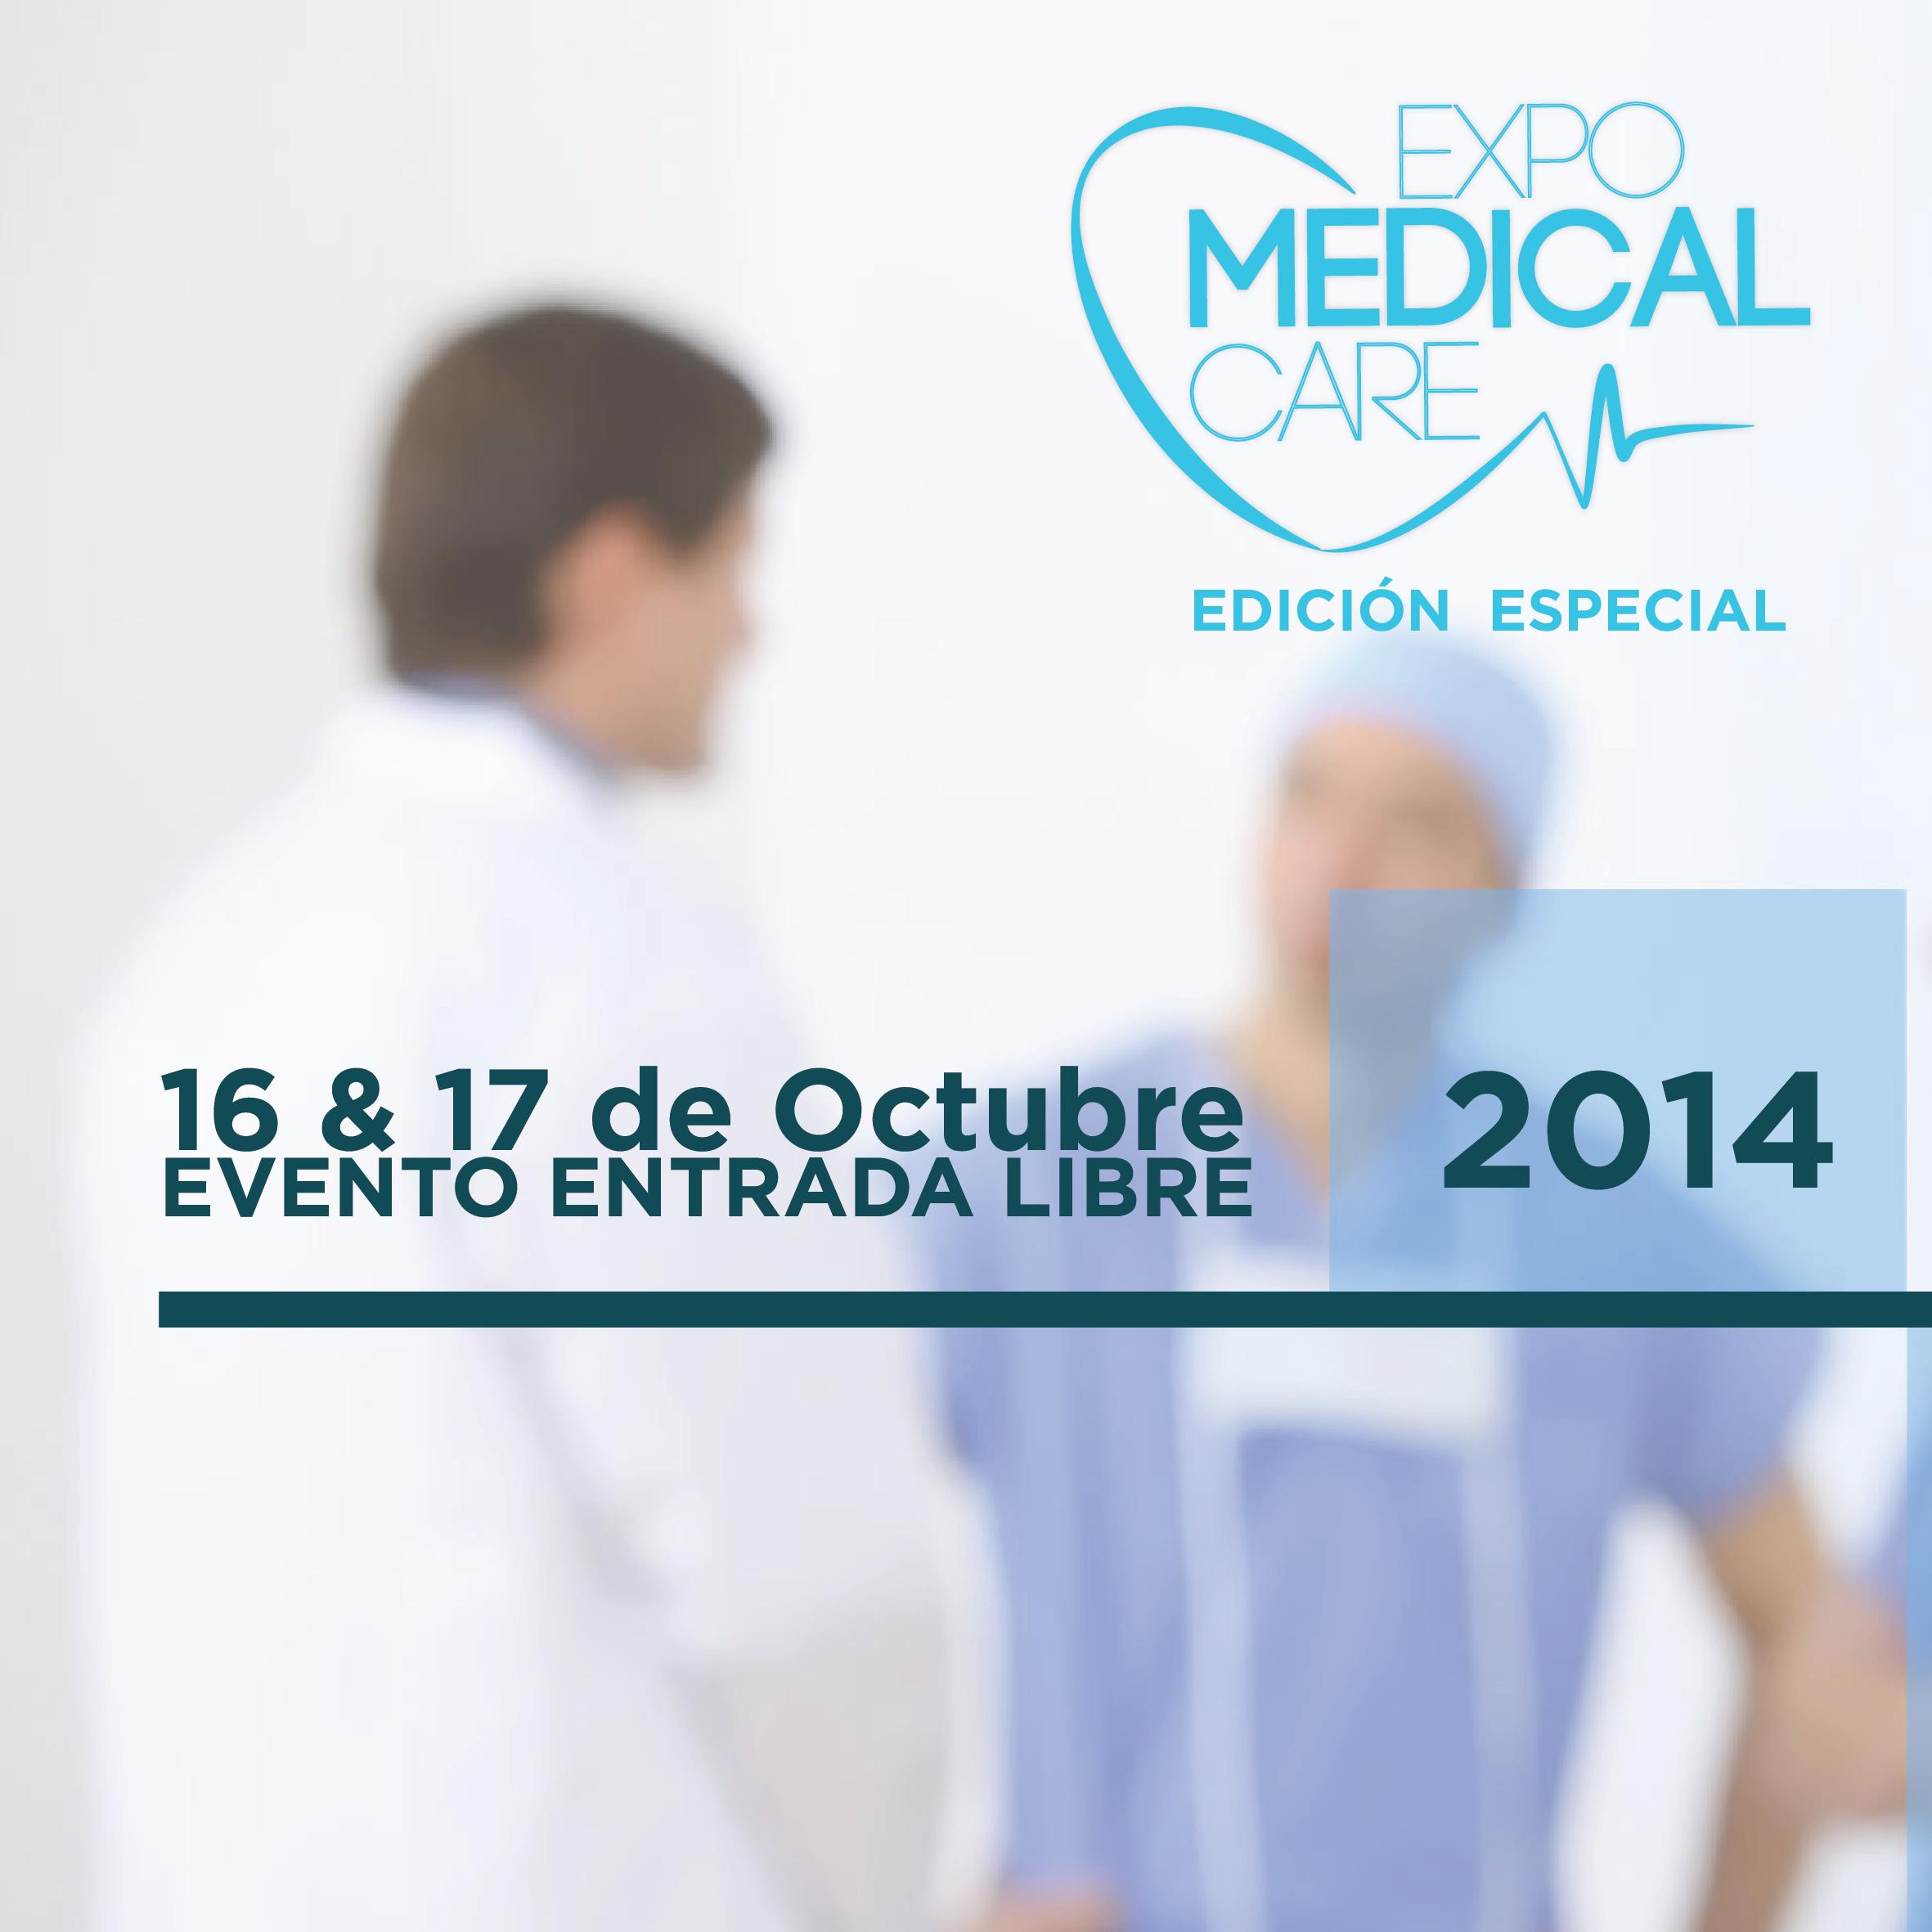 Expomedical care 16 & 17 de Octubre 2014 Medical